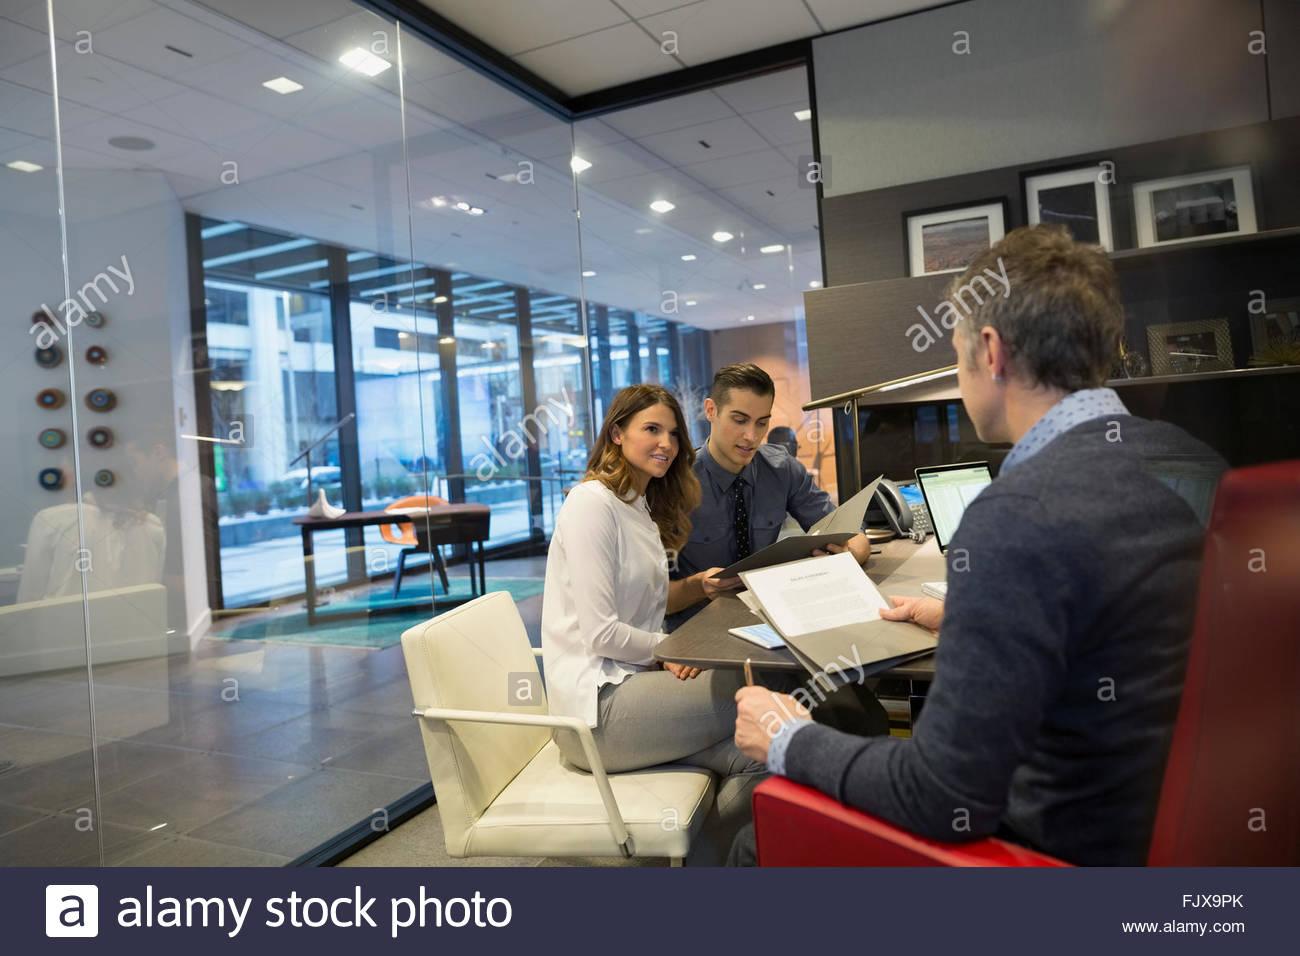 Les gens d'affaires réunion bureau patron à 29 ans Photo Stock